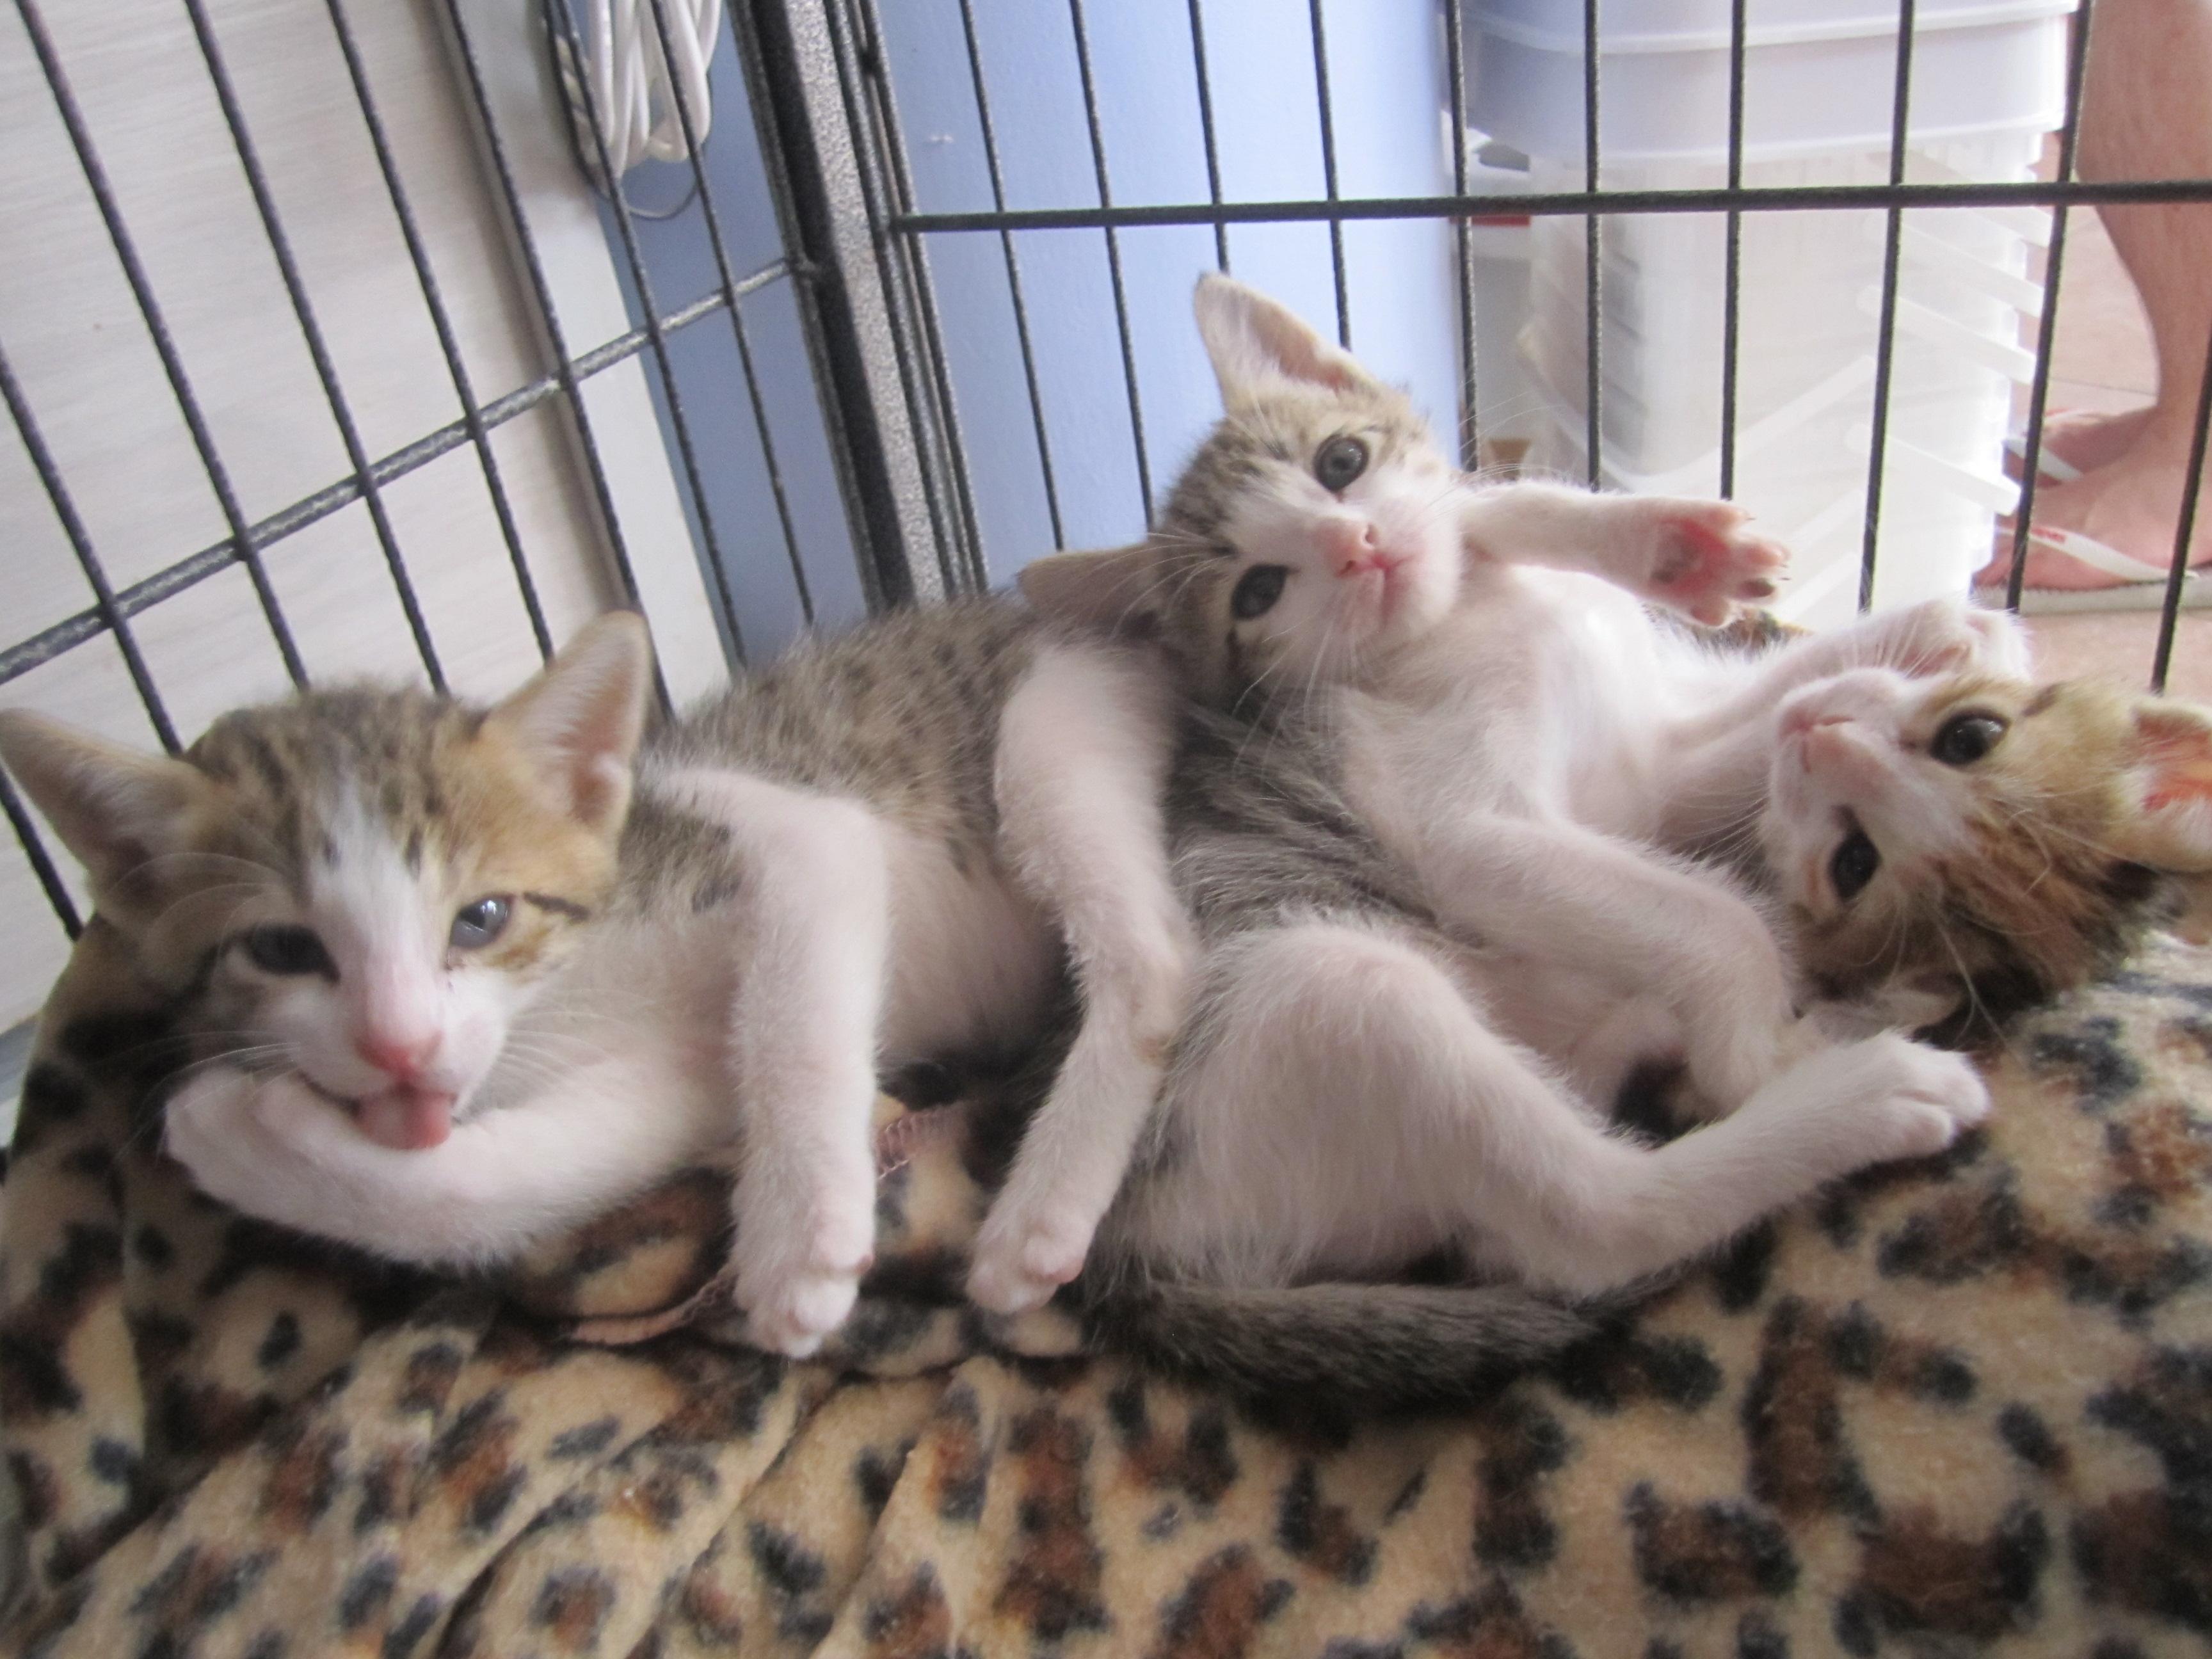 Kittens waking up